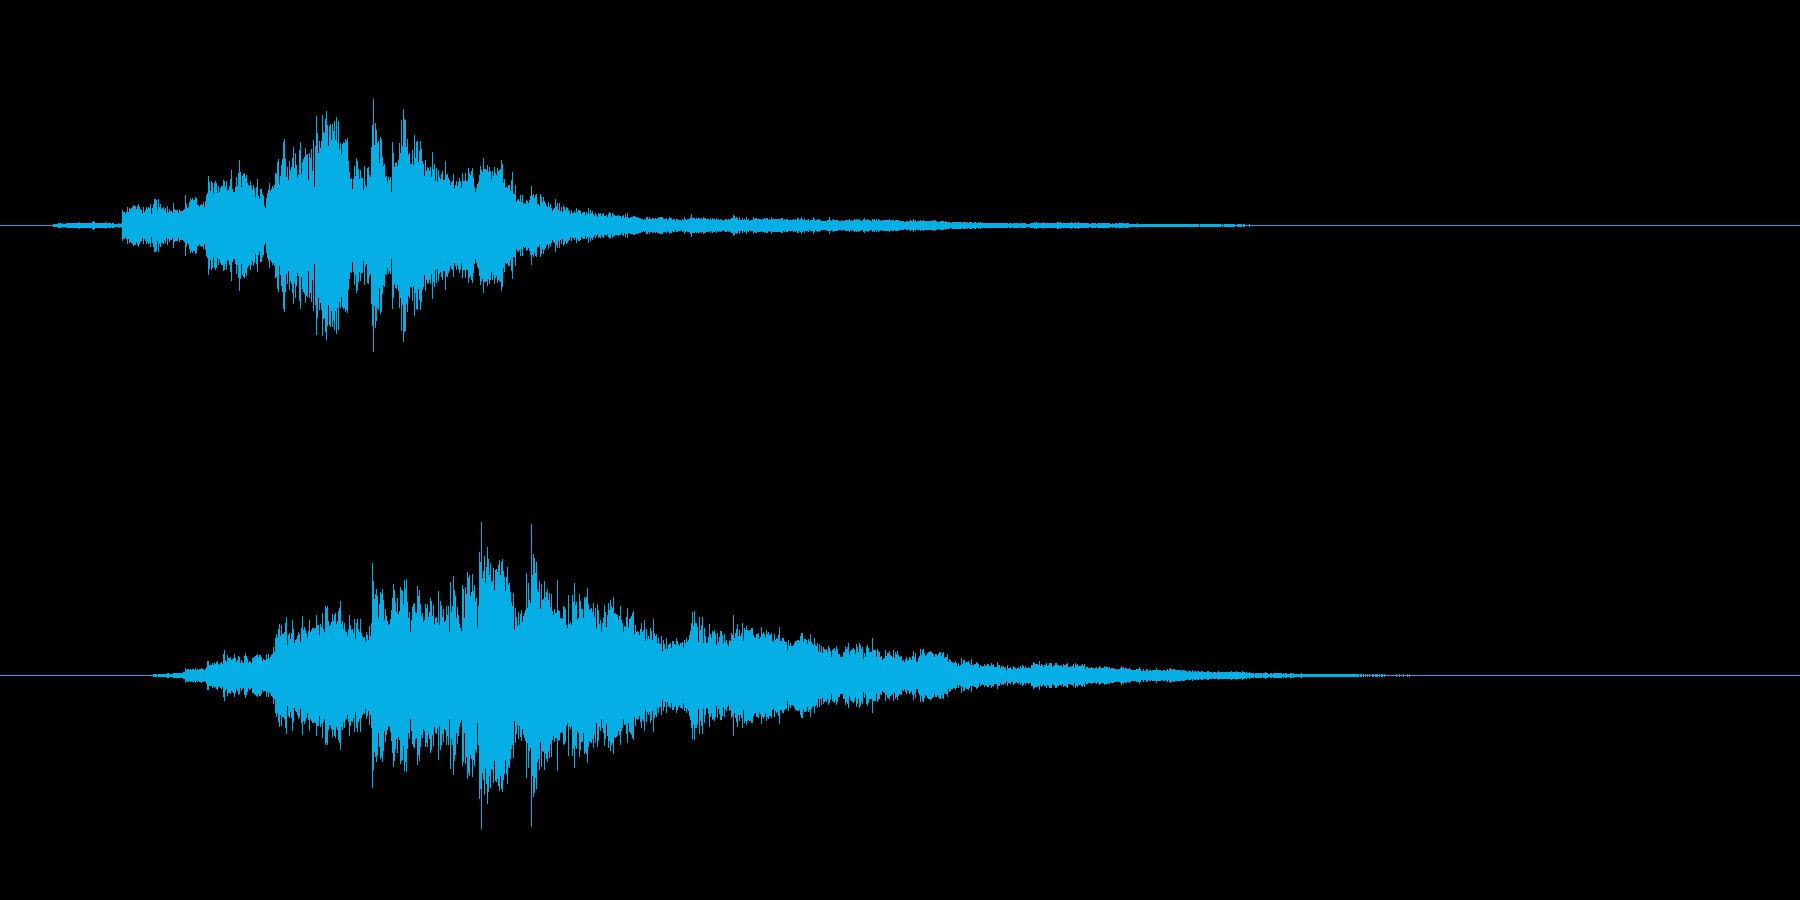 キラりん 魔法・閃光・変身・煌めき左→右の再生済みの波形